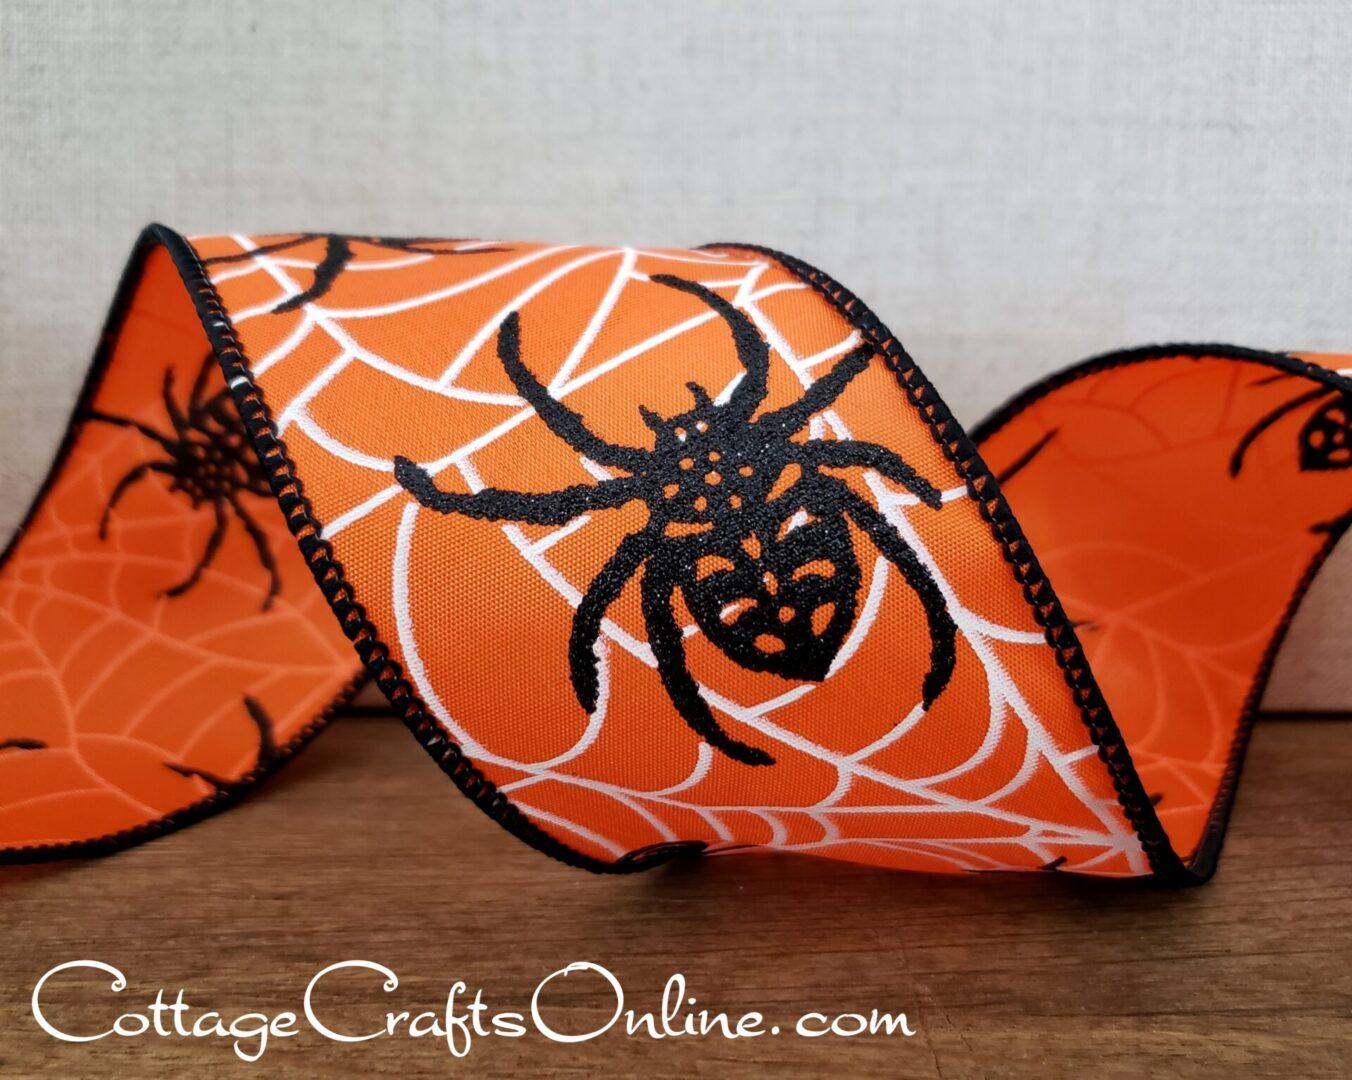 Halloween Spider Black on Orange Satin cb 40-006